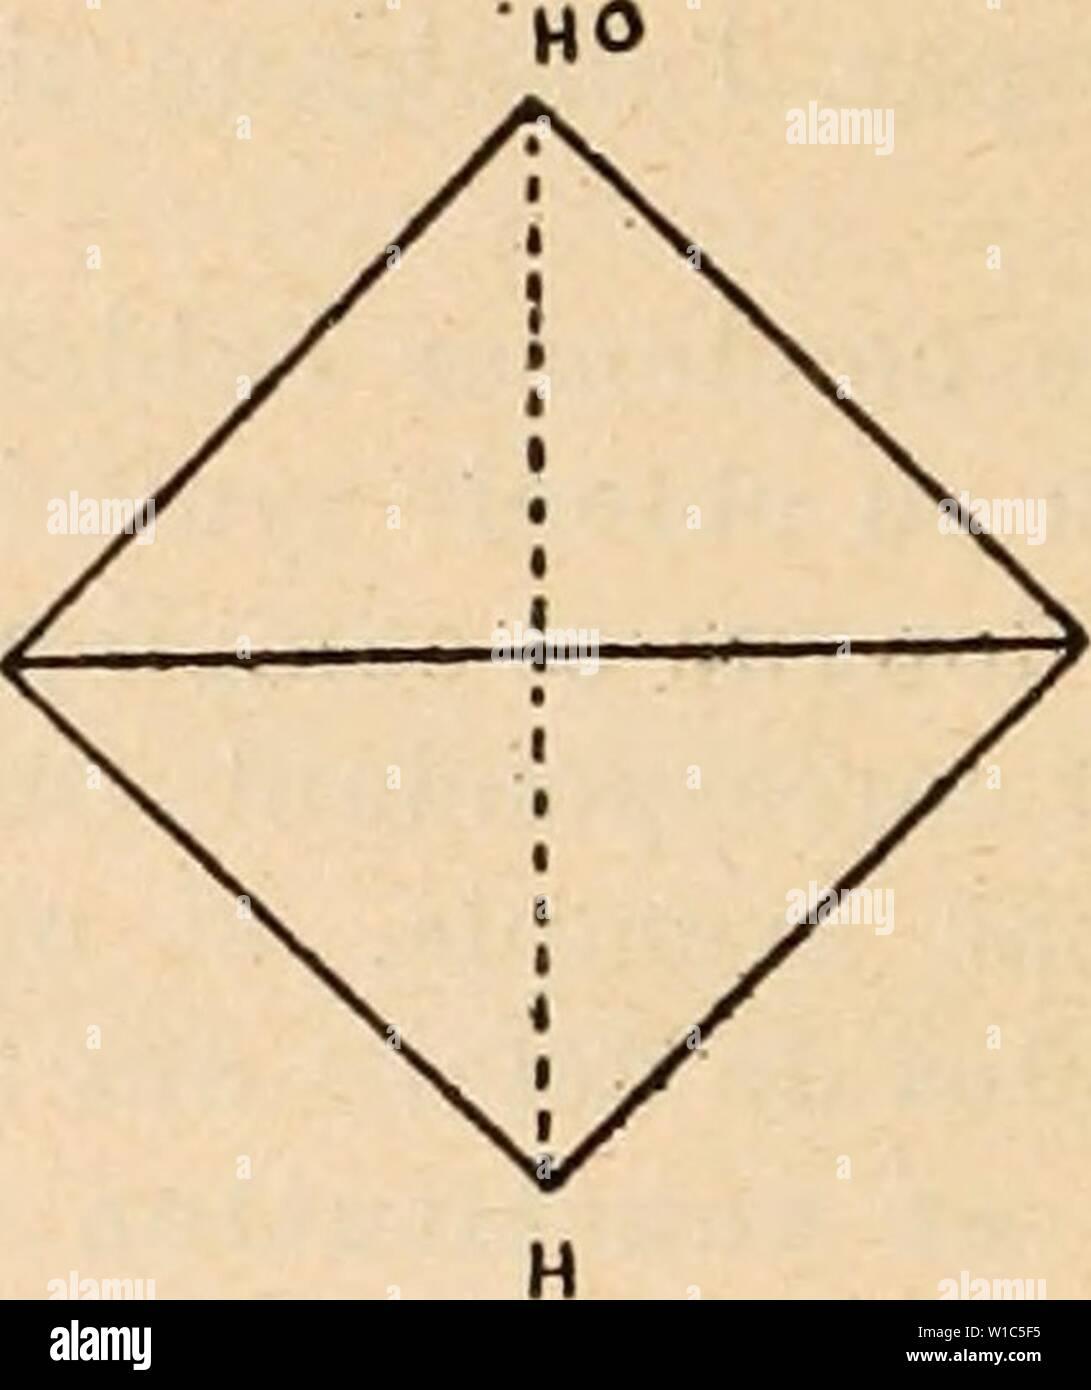 Archive image from page 531 of Dictionnaire de physiologie (1907). Dictionnaire de physiologie . dictionnairedeph07rich Year: 1907  CH 0»1; Ces deux corps diffèrent donc l'un de l'autre par une disposition particulière des ÃlÃments. Ils ont mêmes fonctions, mêmes propriÃtÃs chimiques : nÃanmoins l'un dÃvie à gauche le plan de polarisation de la lumière; l'autre le dÃvie à droite; ce sont deux stÃrÃo-isomèies. L'un est le glycÃrose droit, l'autre le glycÃrose gauche. Pour simplifier davantage l'Ãcriture, nous pouvons reprÃsenter les deux corps de la façon suivante : OH GlycÃrose droit. - Stock Image